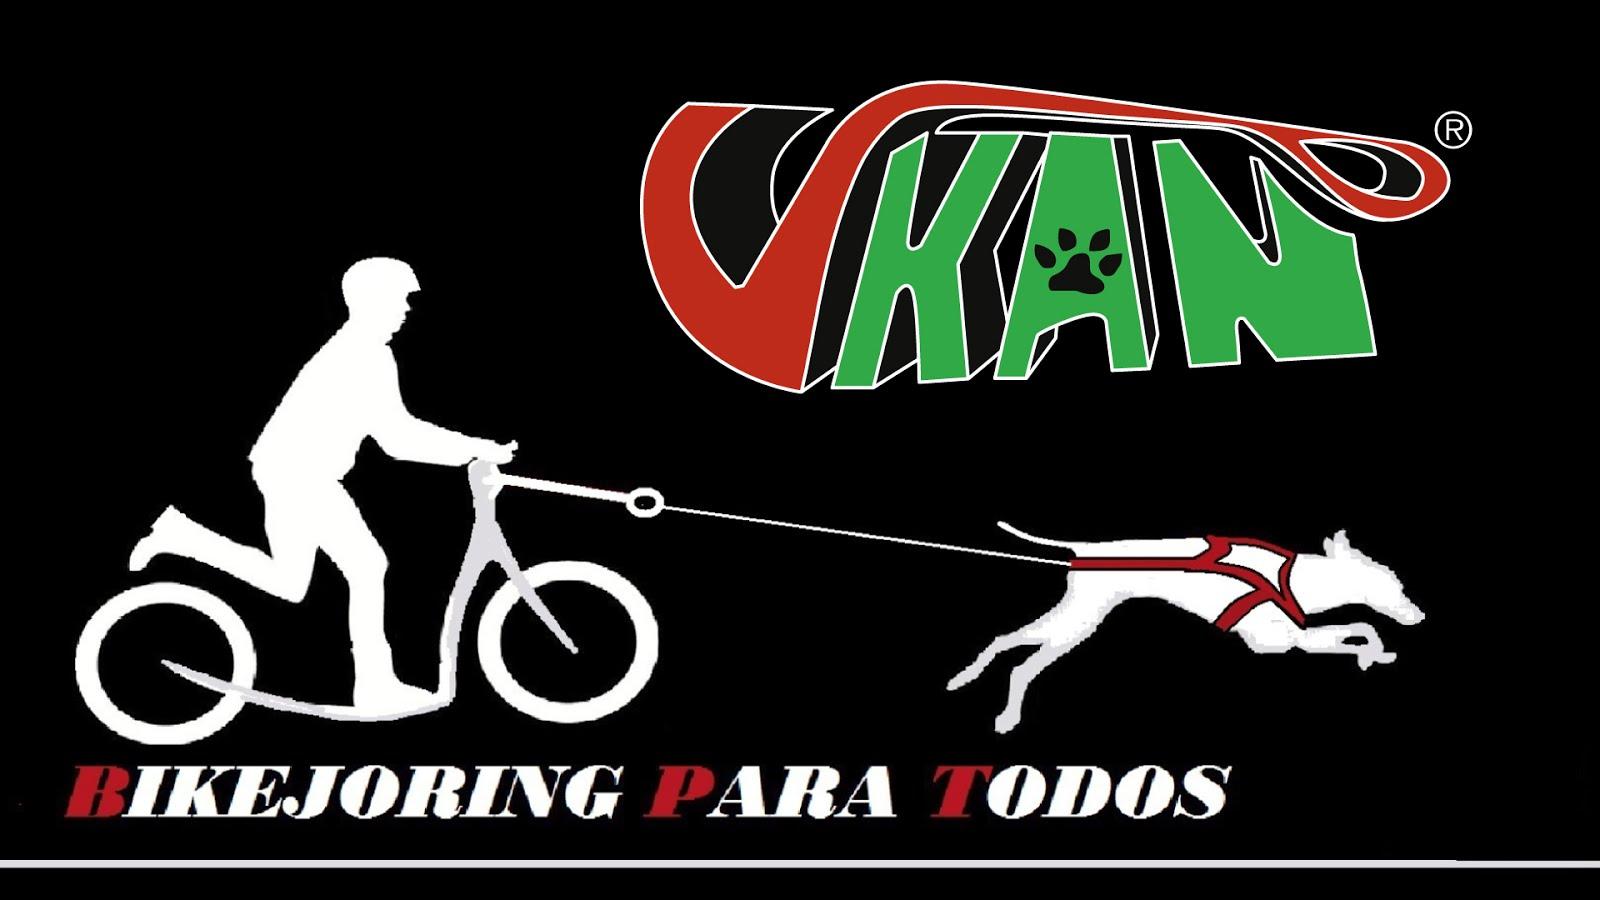 Bikejoring para todos